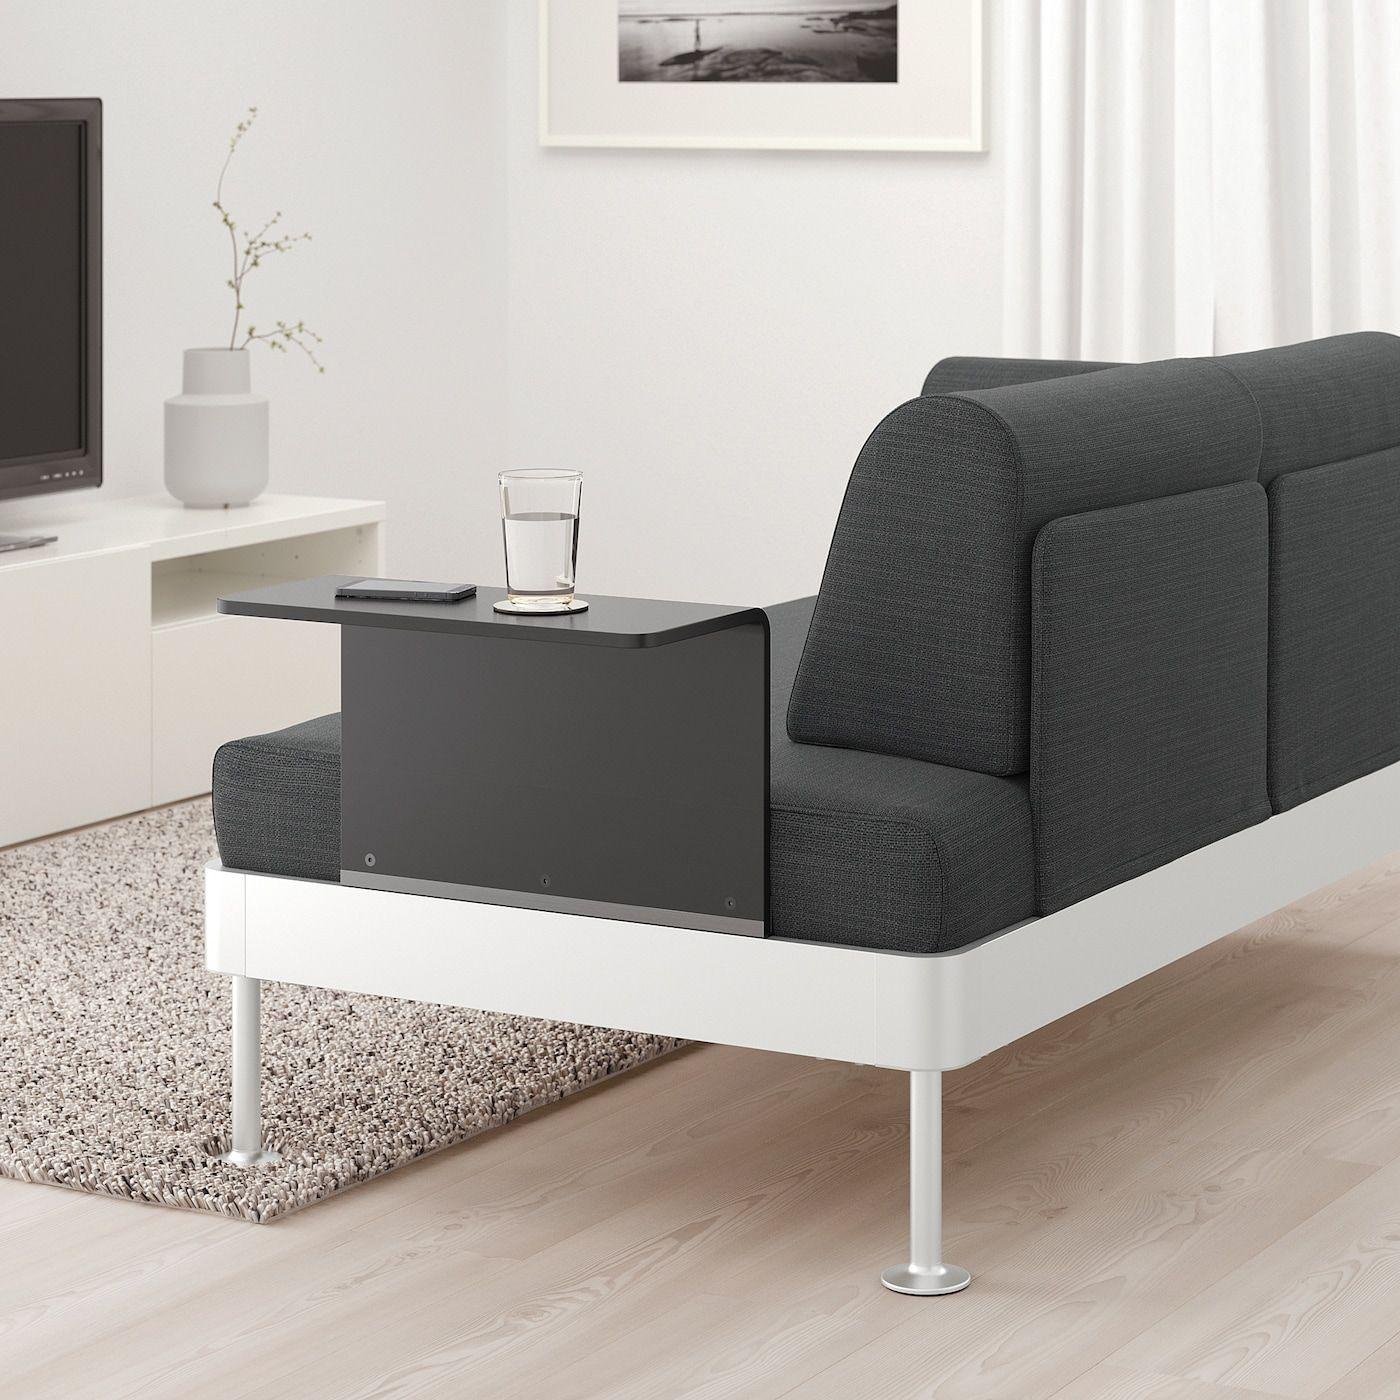 Delaktig 2er Sofa Mit Ablage Hillared Anthrazit Ikea Osterreich In 2020 2er Sofa Kleines Sofa Und Sofa